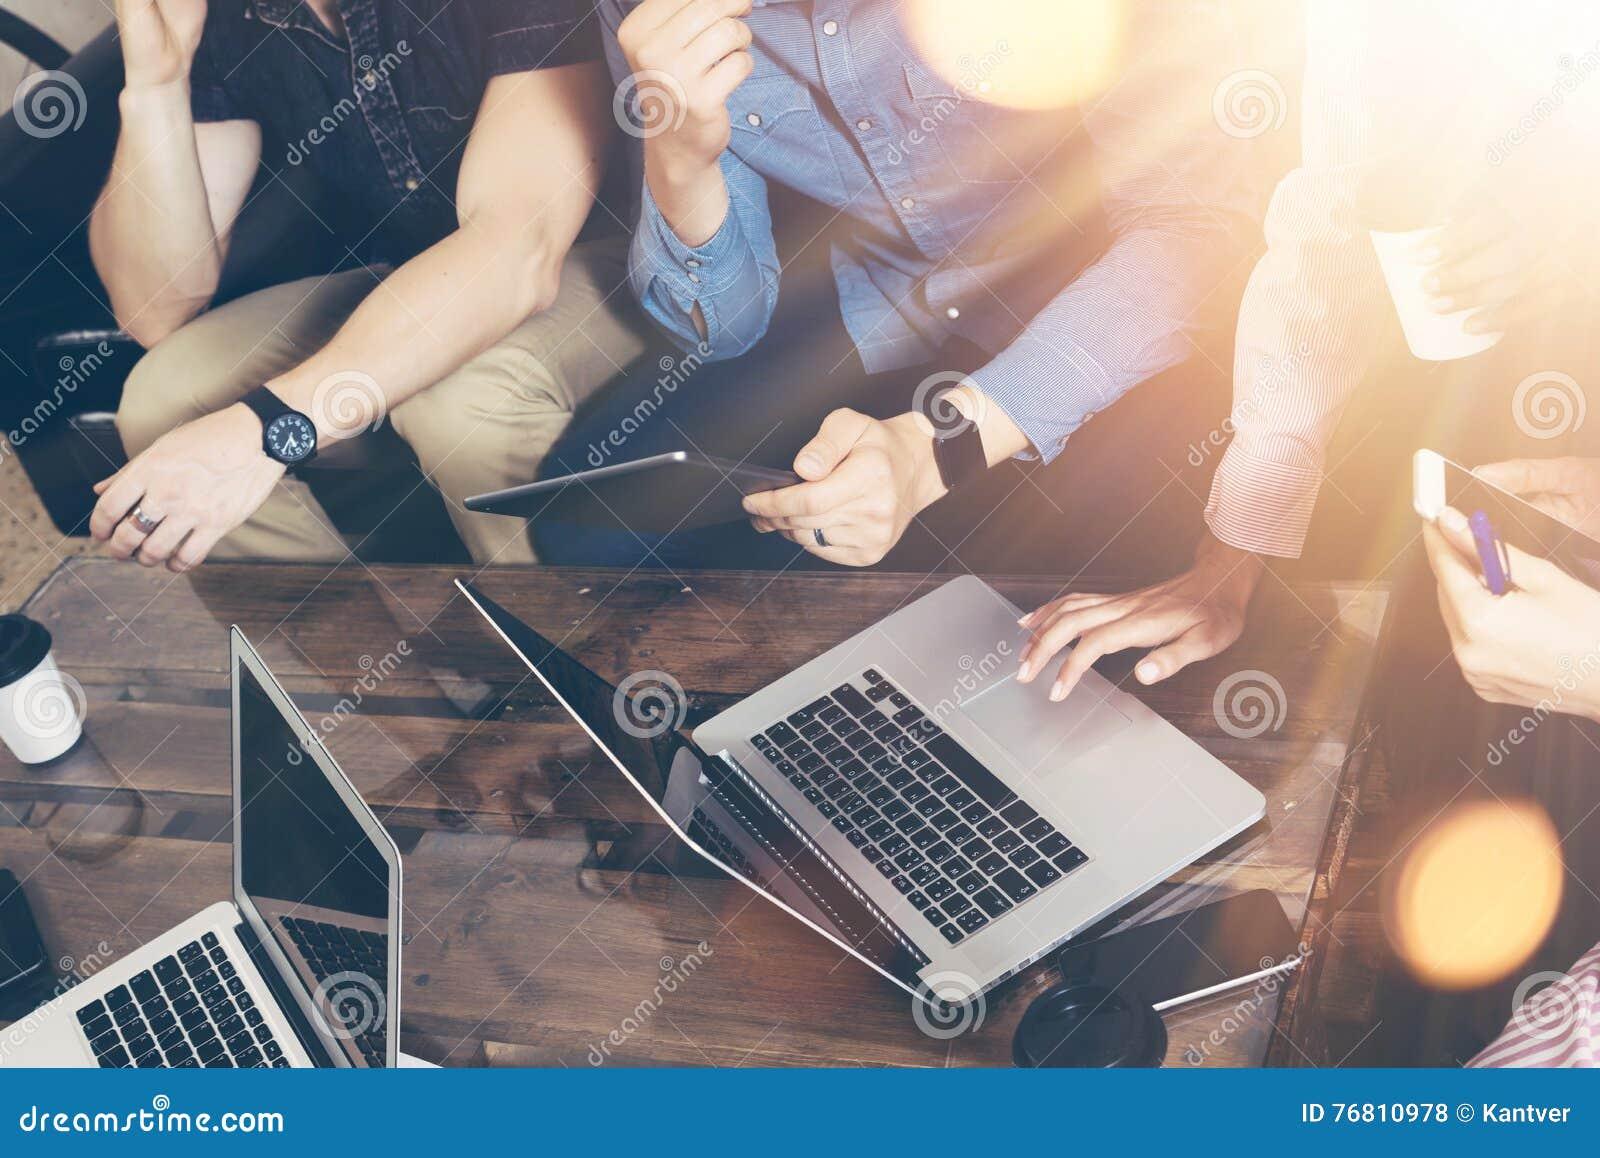 年轻商人队分析财务网上报告现代电子小配件 工友起始的数字式项目